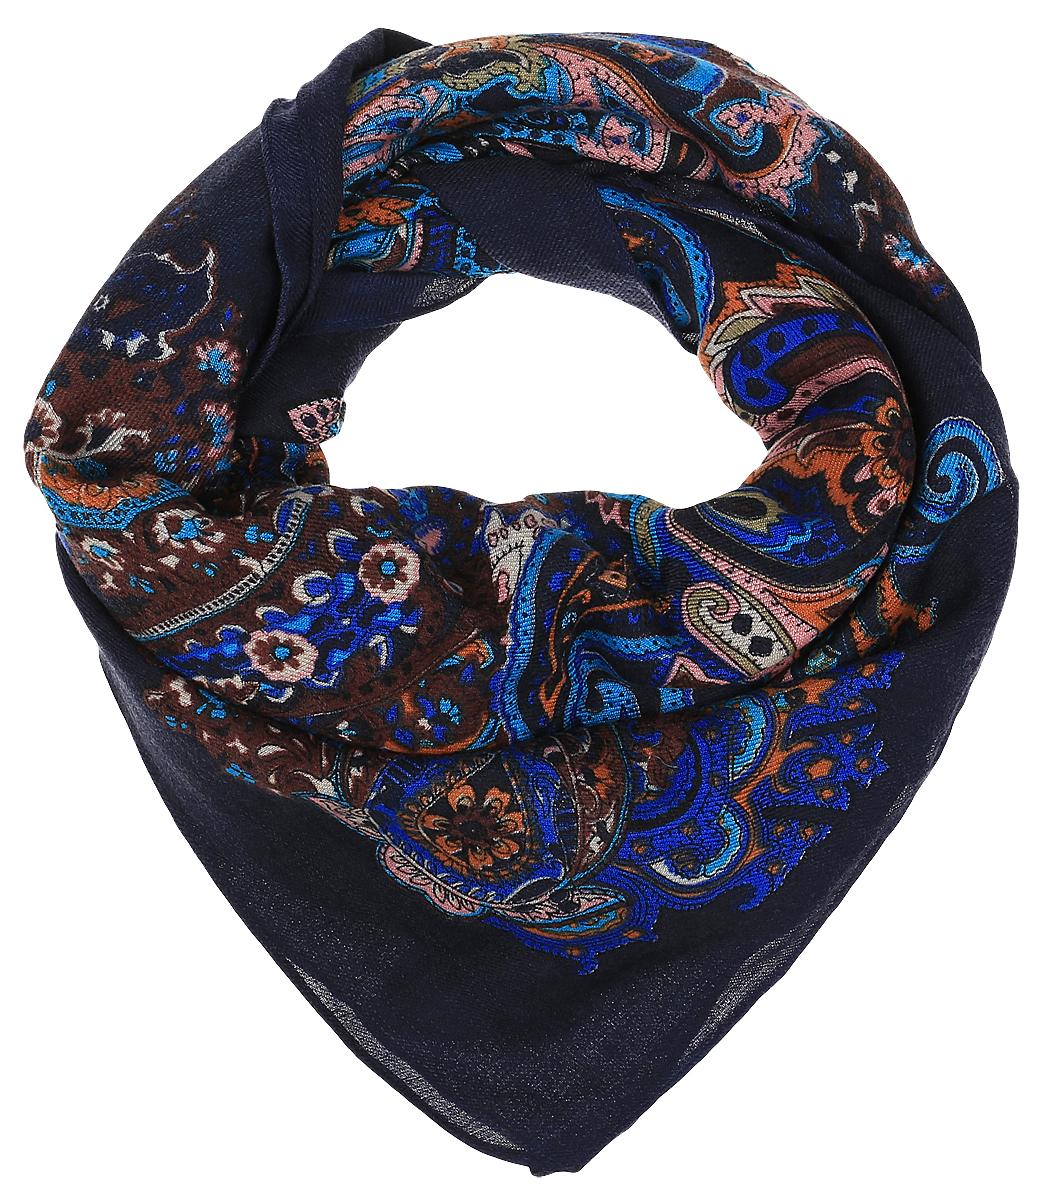 Платок женский Dispacci, цвет: темно-синий. 4704ZI. Размер 130 см х 130 см4704ZIЭлегантный платок Dispacci выполнен из шерсти с добавлением вискозы. Оформлена модель интересным орнаментом.